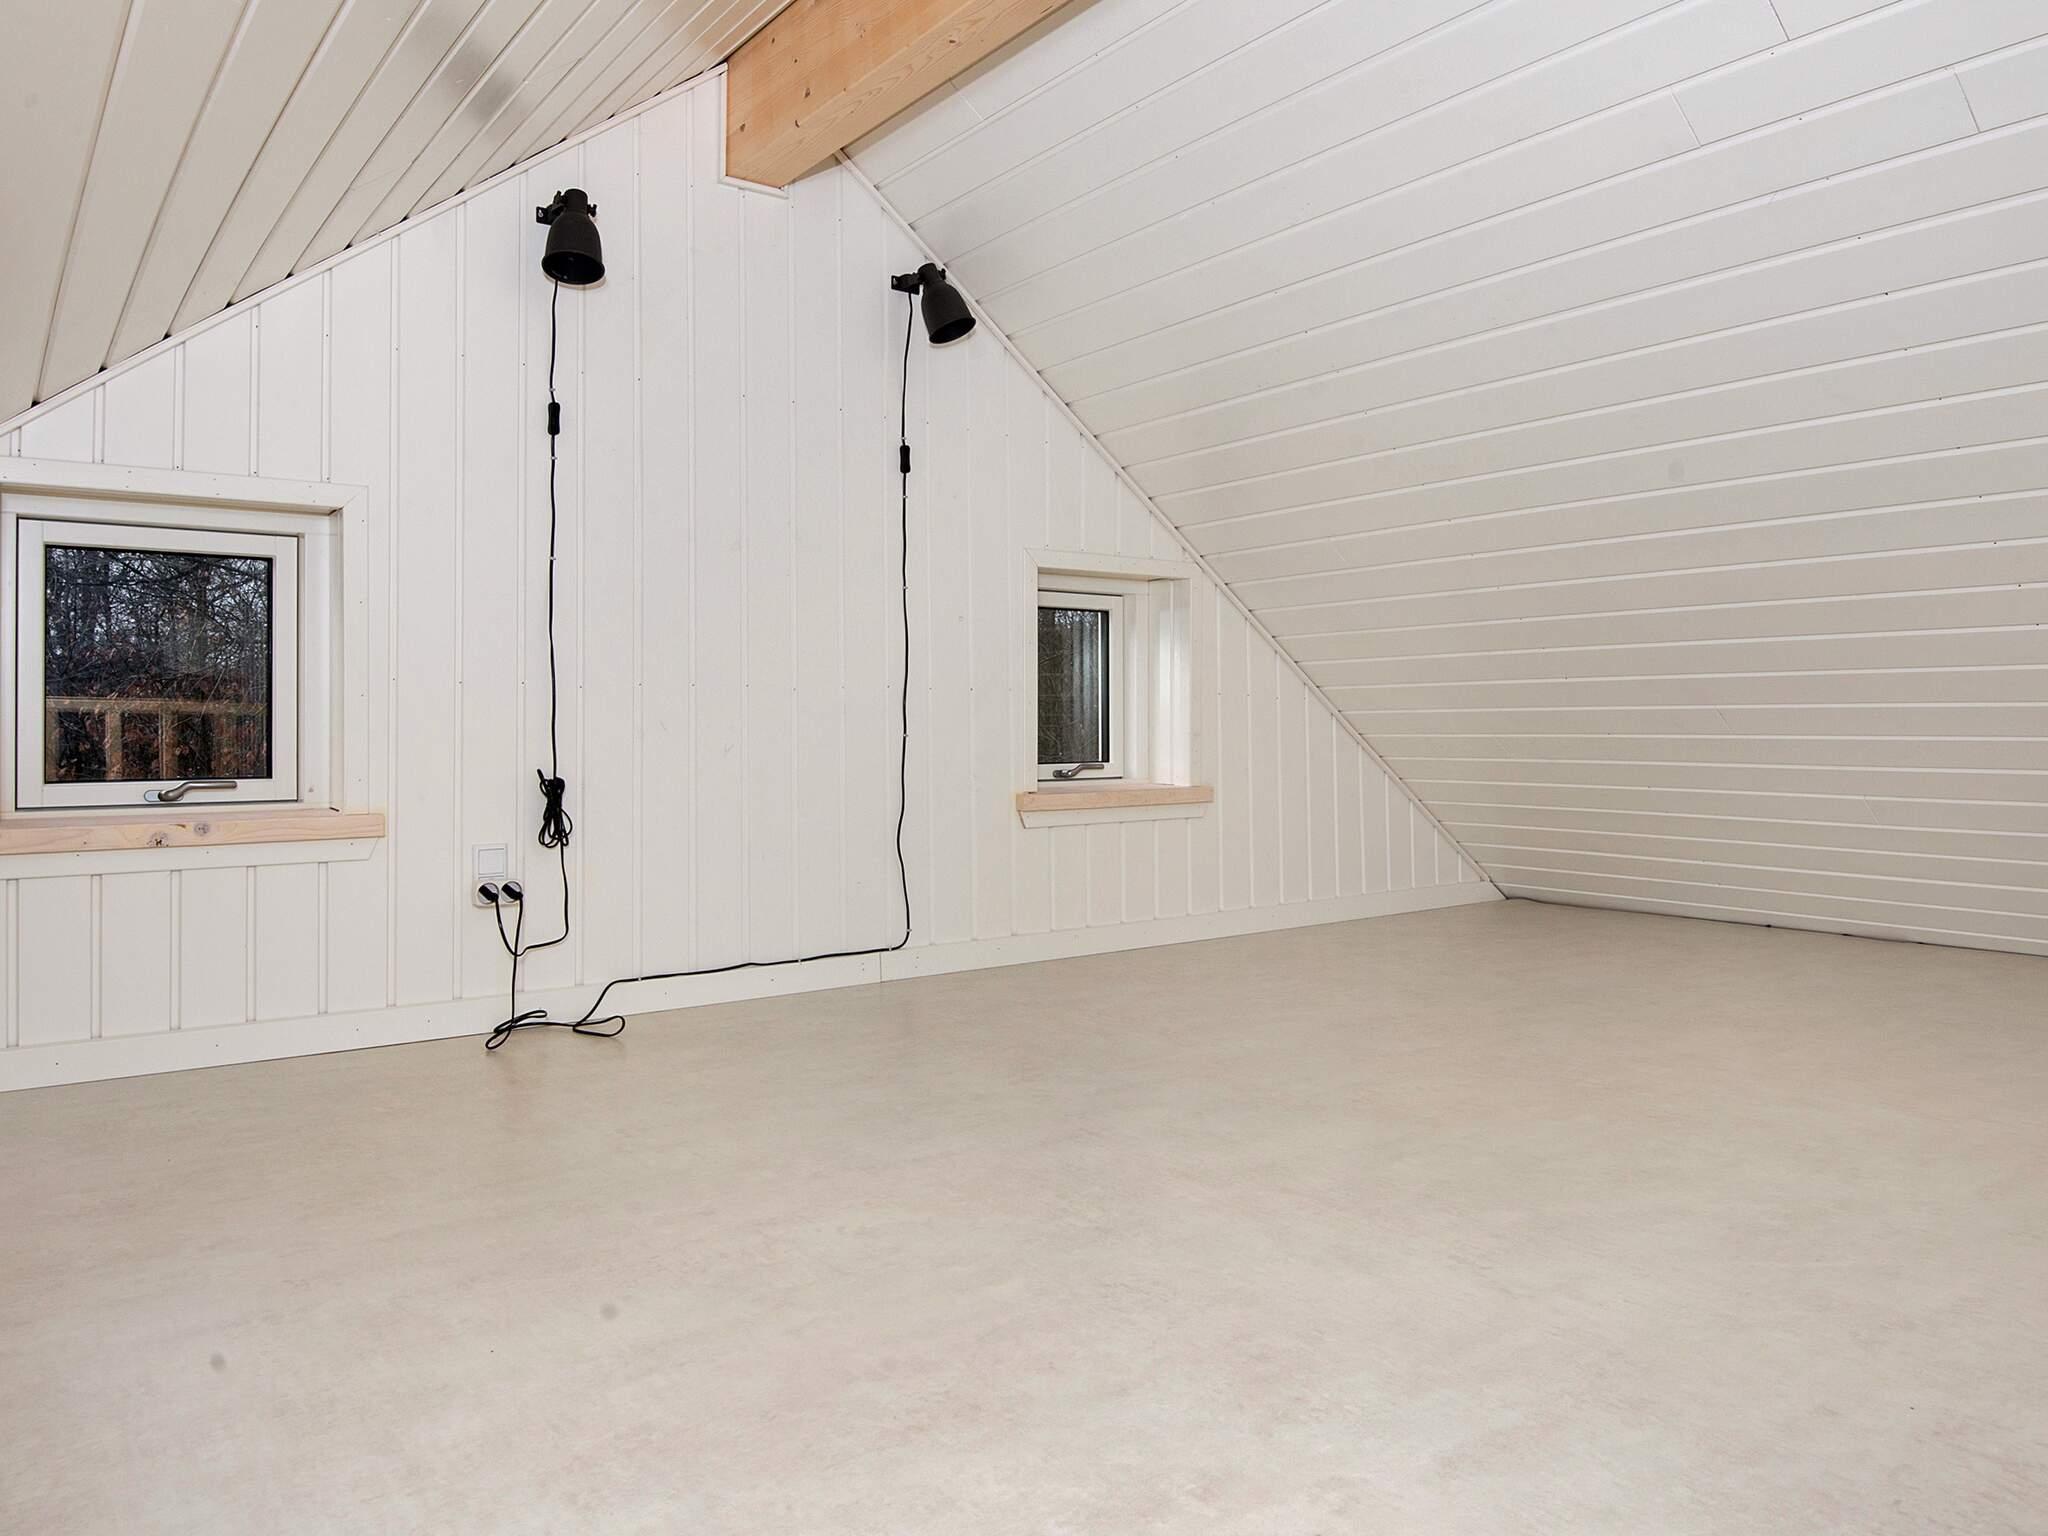 Ferienhaus Silkeborg (2523581), Silkeborg, , Ostjütland, Dänemark, Bild 14